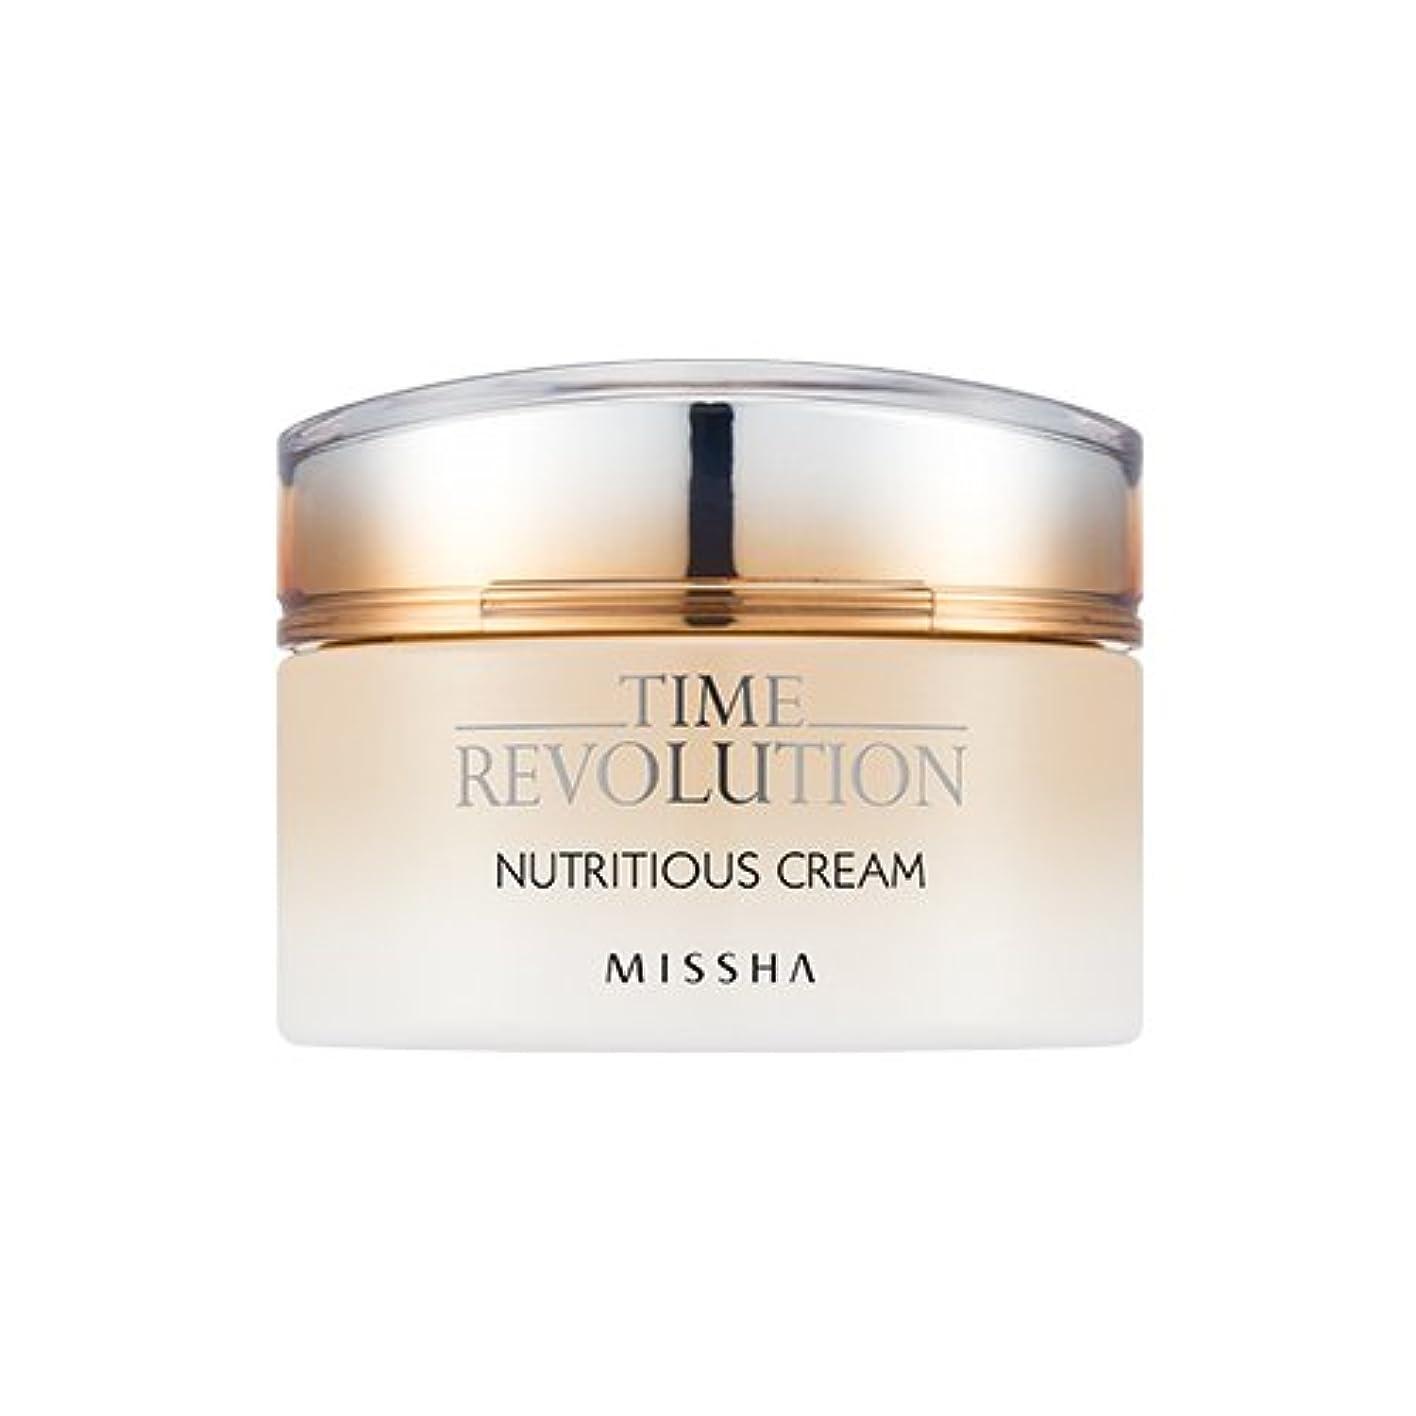 休憩水星みなさん[New] MISSHA Time Revolution Nutritious Cream 50ml/ミシャ タイム レボリューション ニュートリシャス クリーム 50ml [並行輸入品]